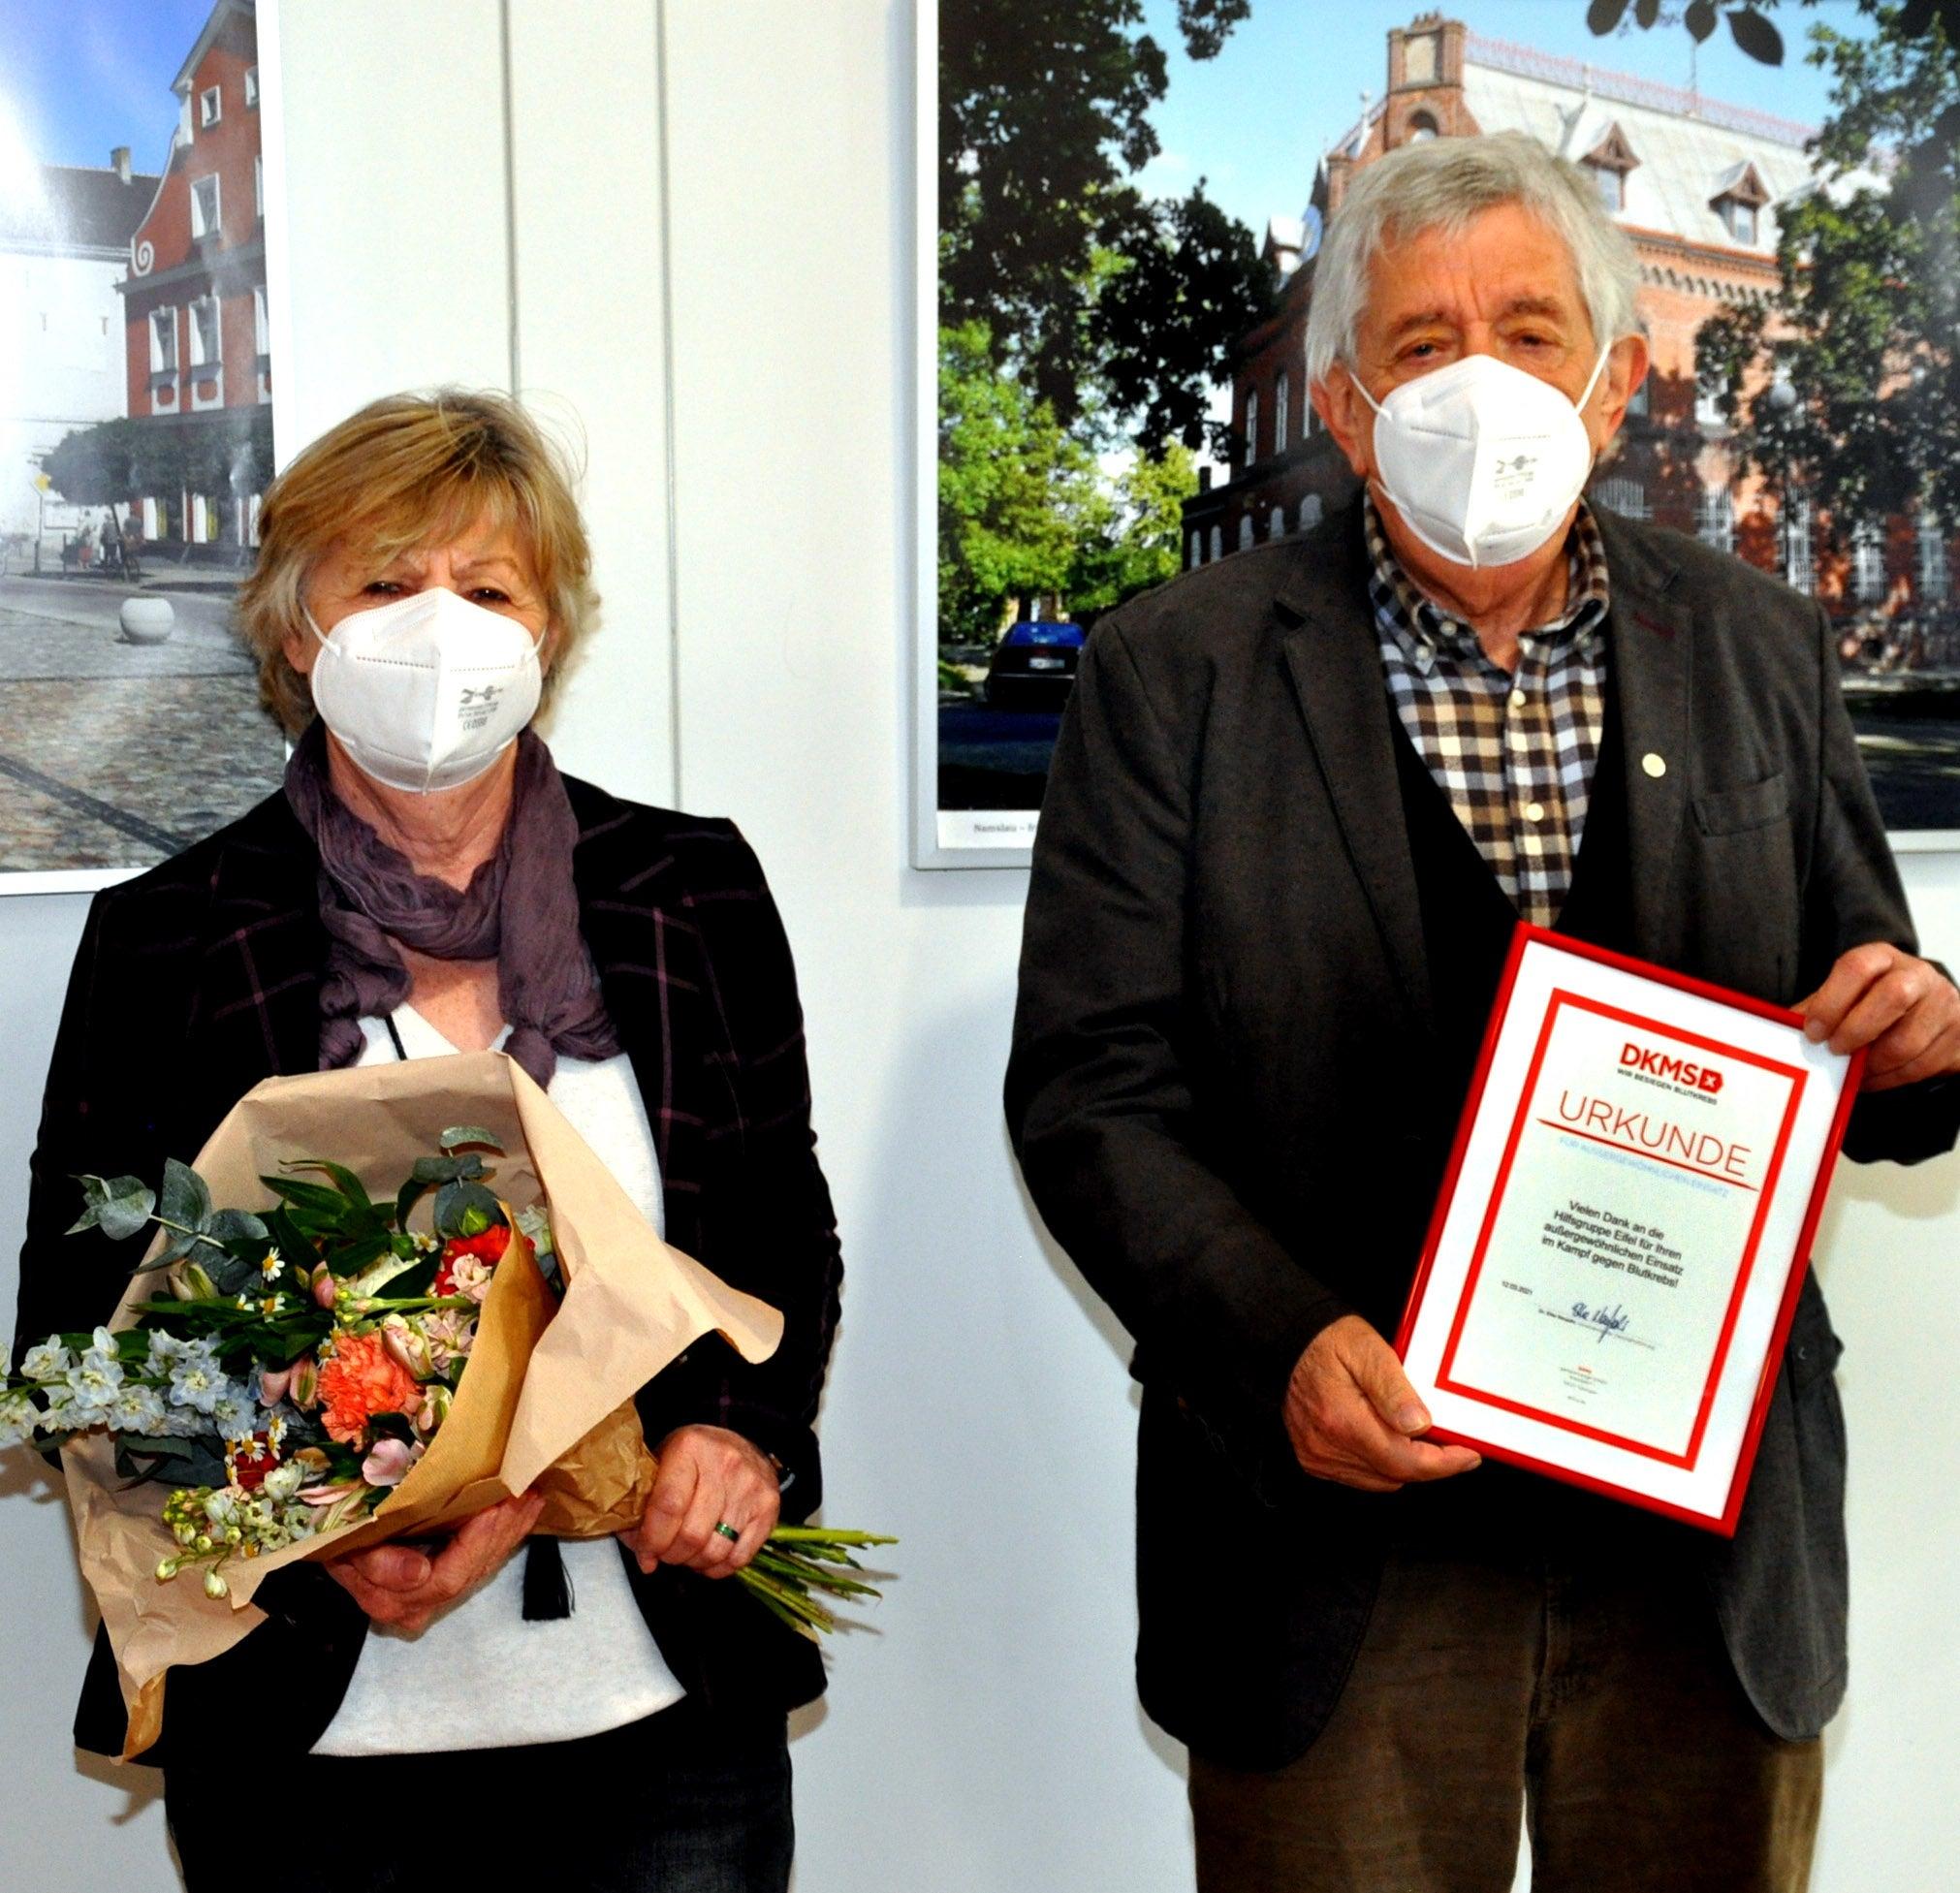 Der Gründer und Vorsitzende Willi Greuel (rechts) begann 1988 mit Unterstützer:innen damit, Kinder aus den verseuchten Gebieten rund um Tschernobyl in ihren Ferien zu Erholungsurlauben in die Eifel einzuladen